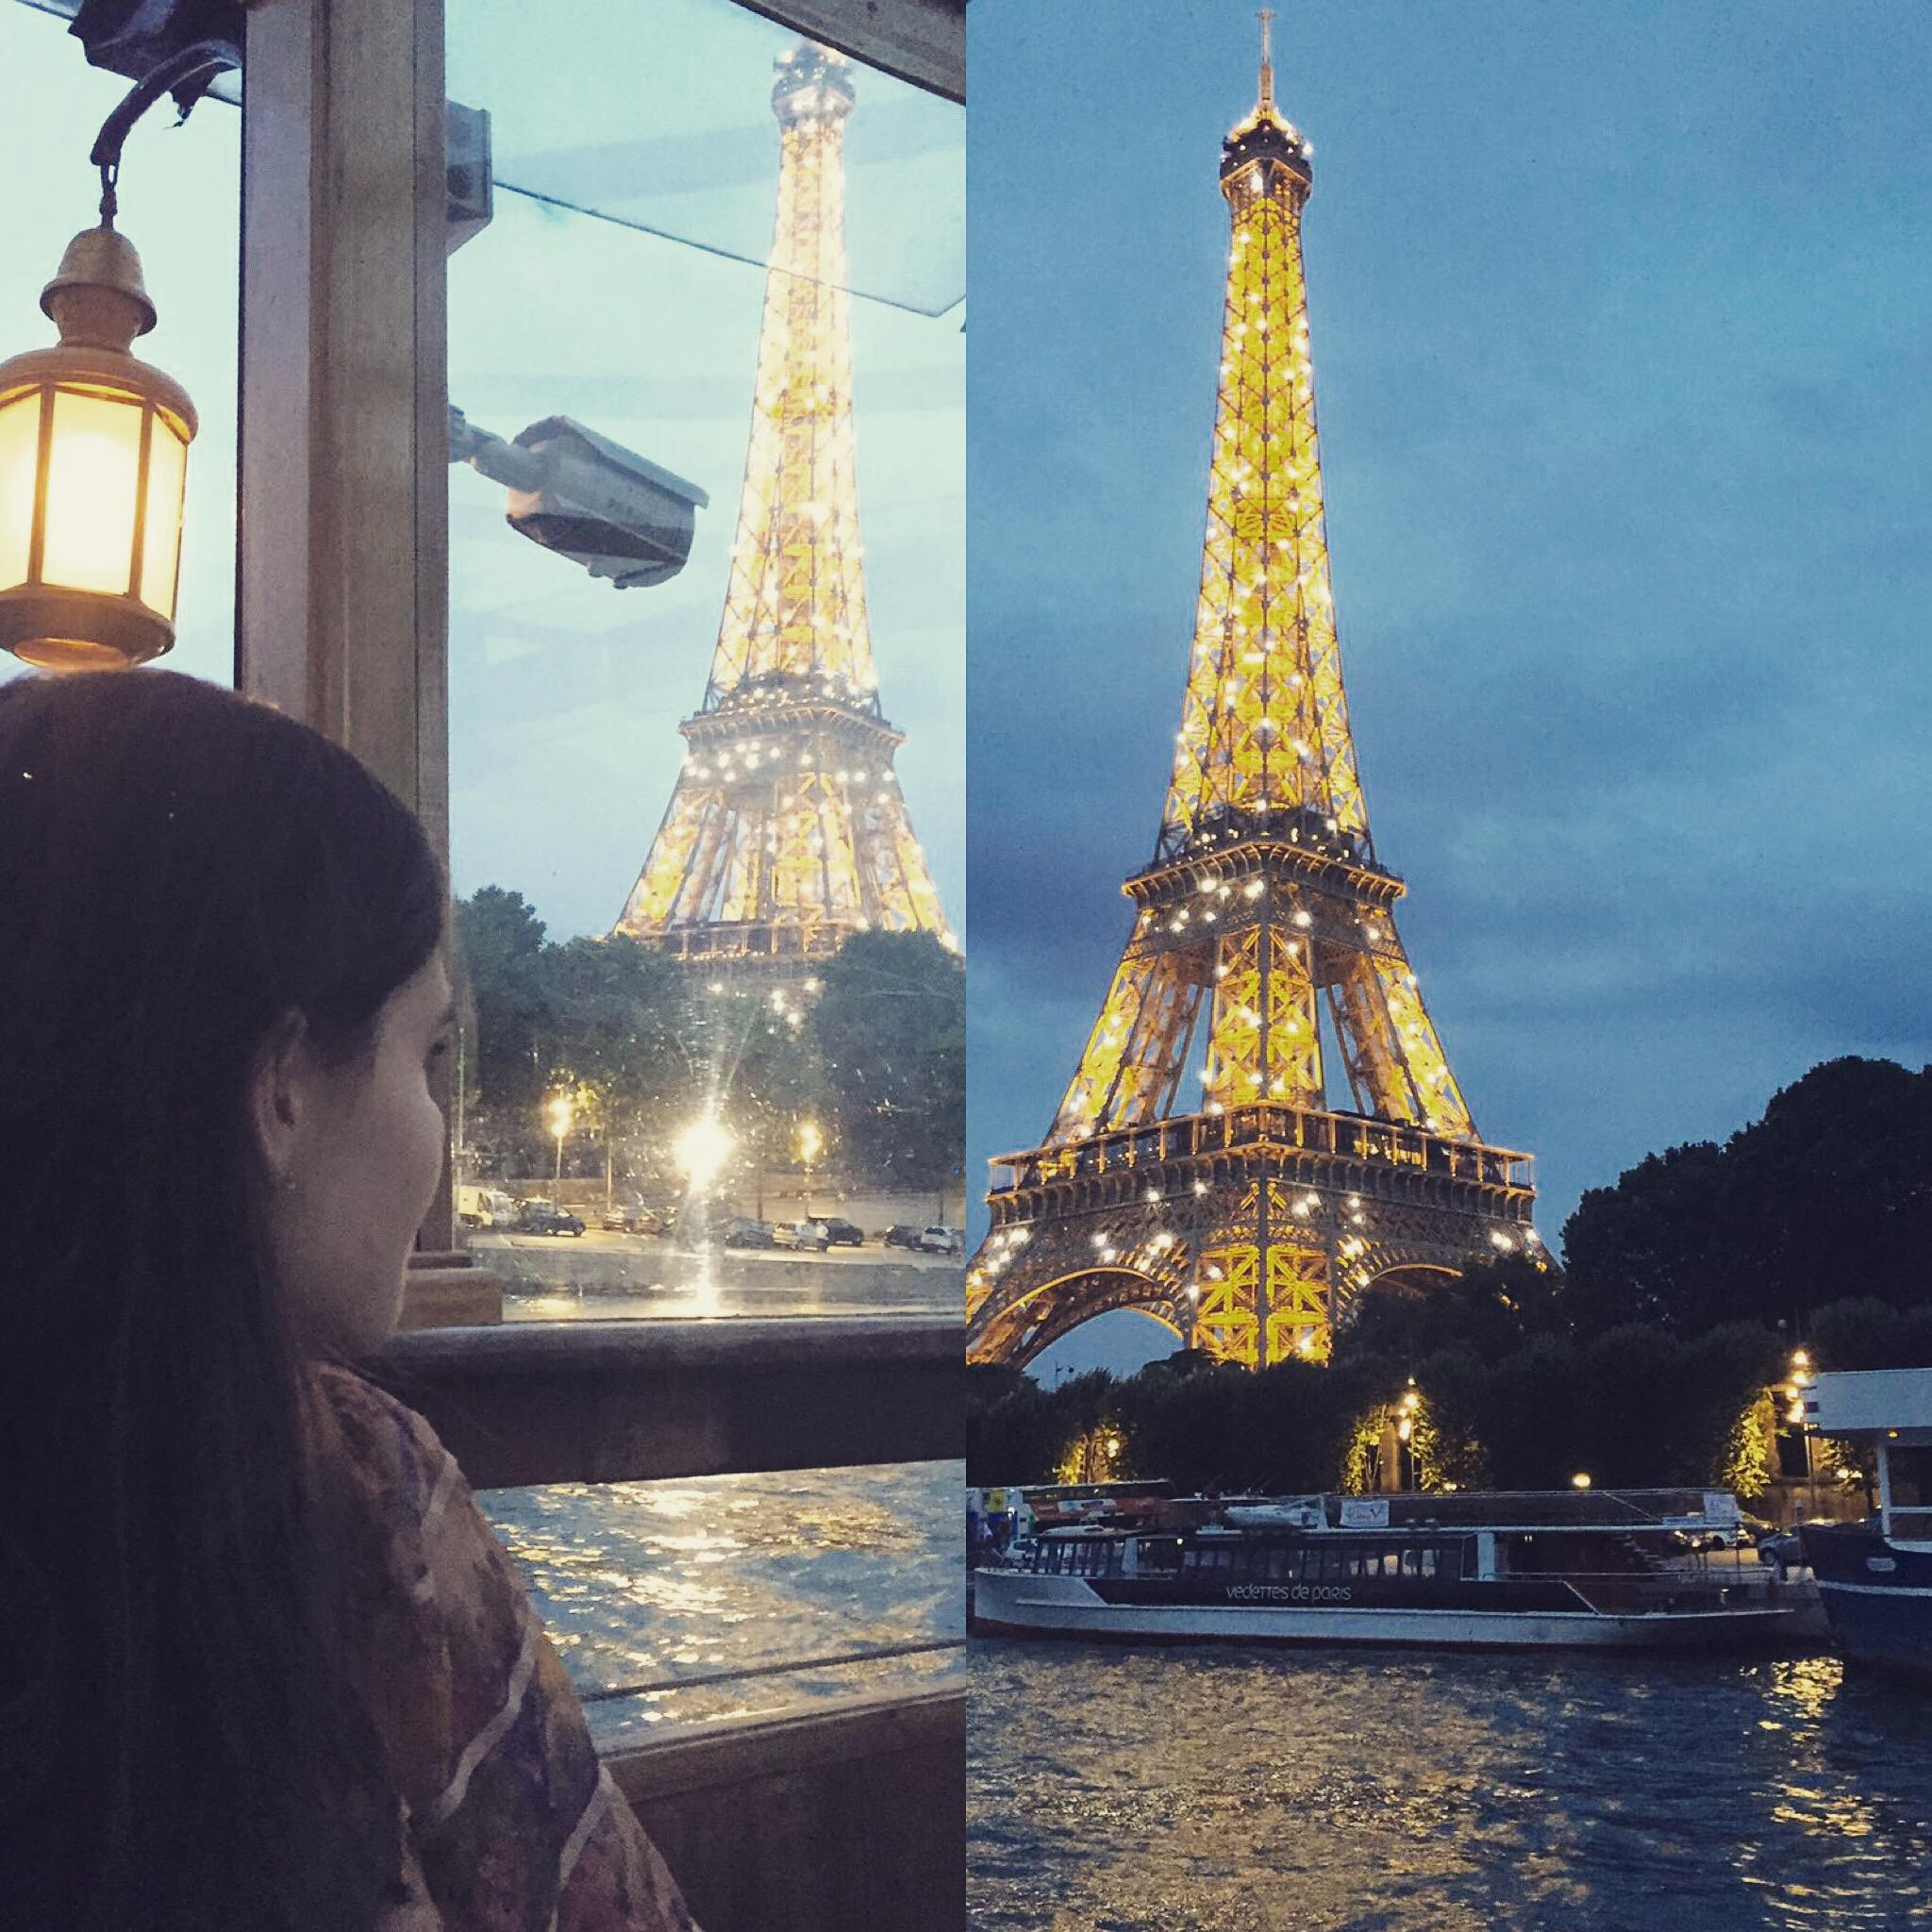 A magical night in Paris.